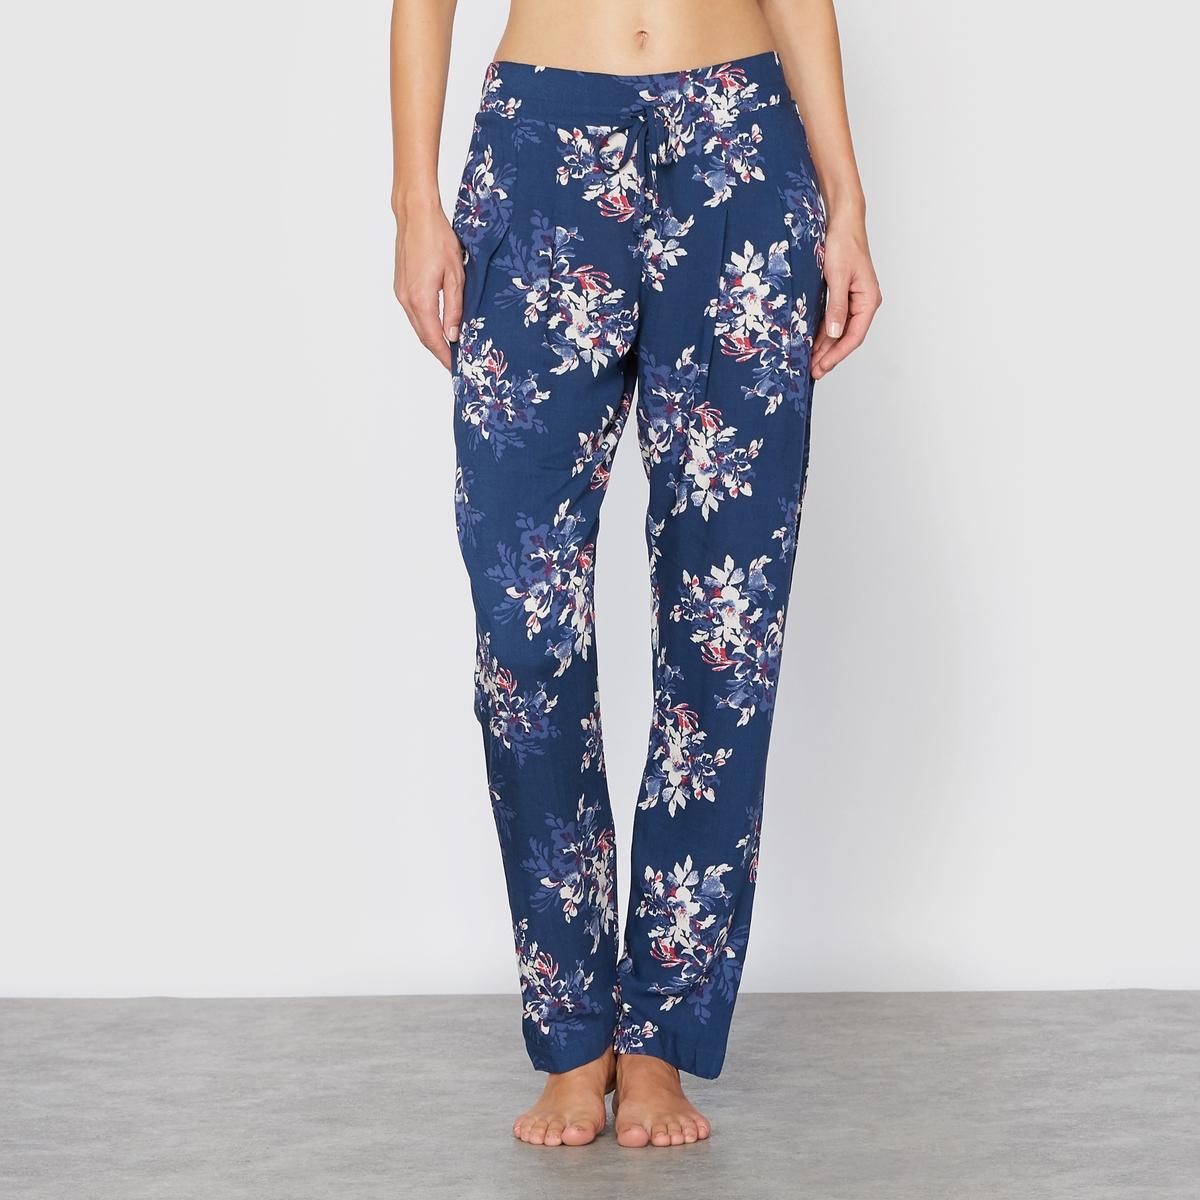 Брюки пижамные Hanami Love пижамные комплекты